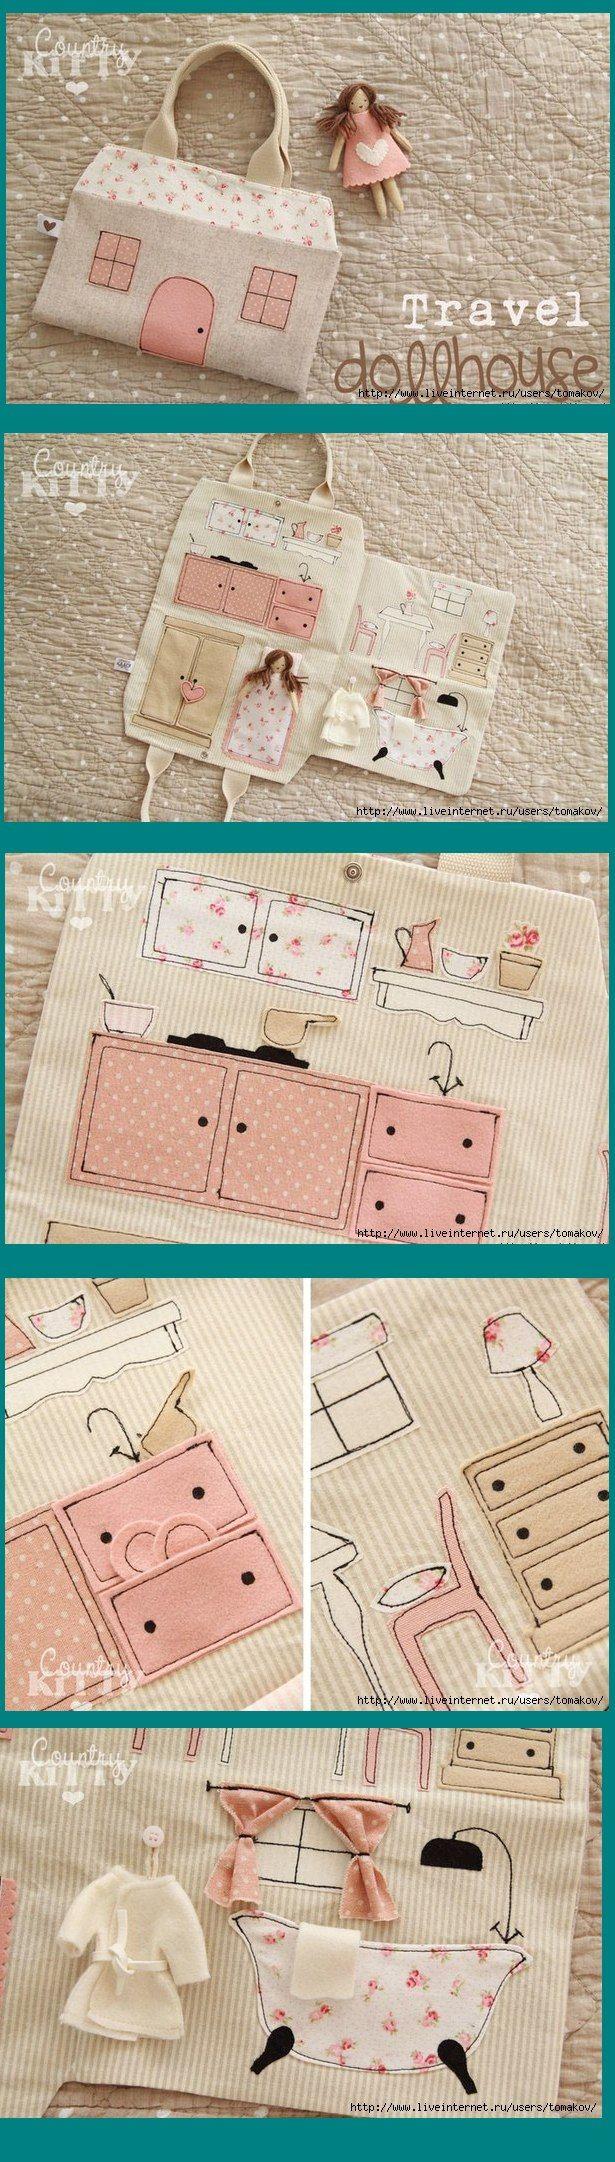 35 ideas para hacer una casita de muñecas #toydoll